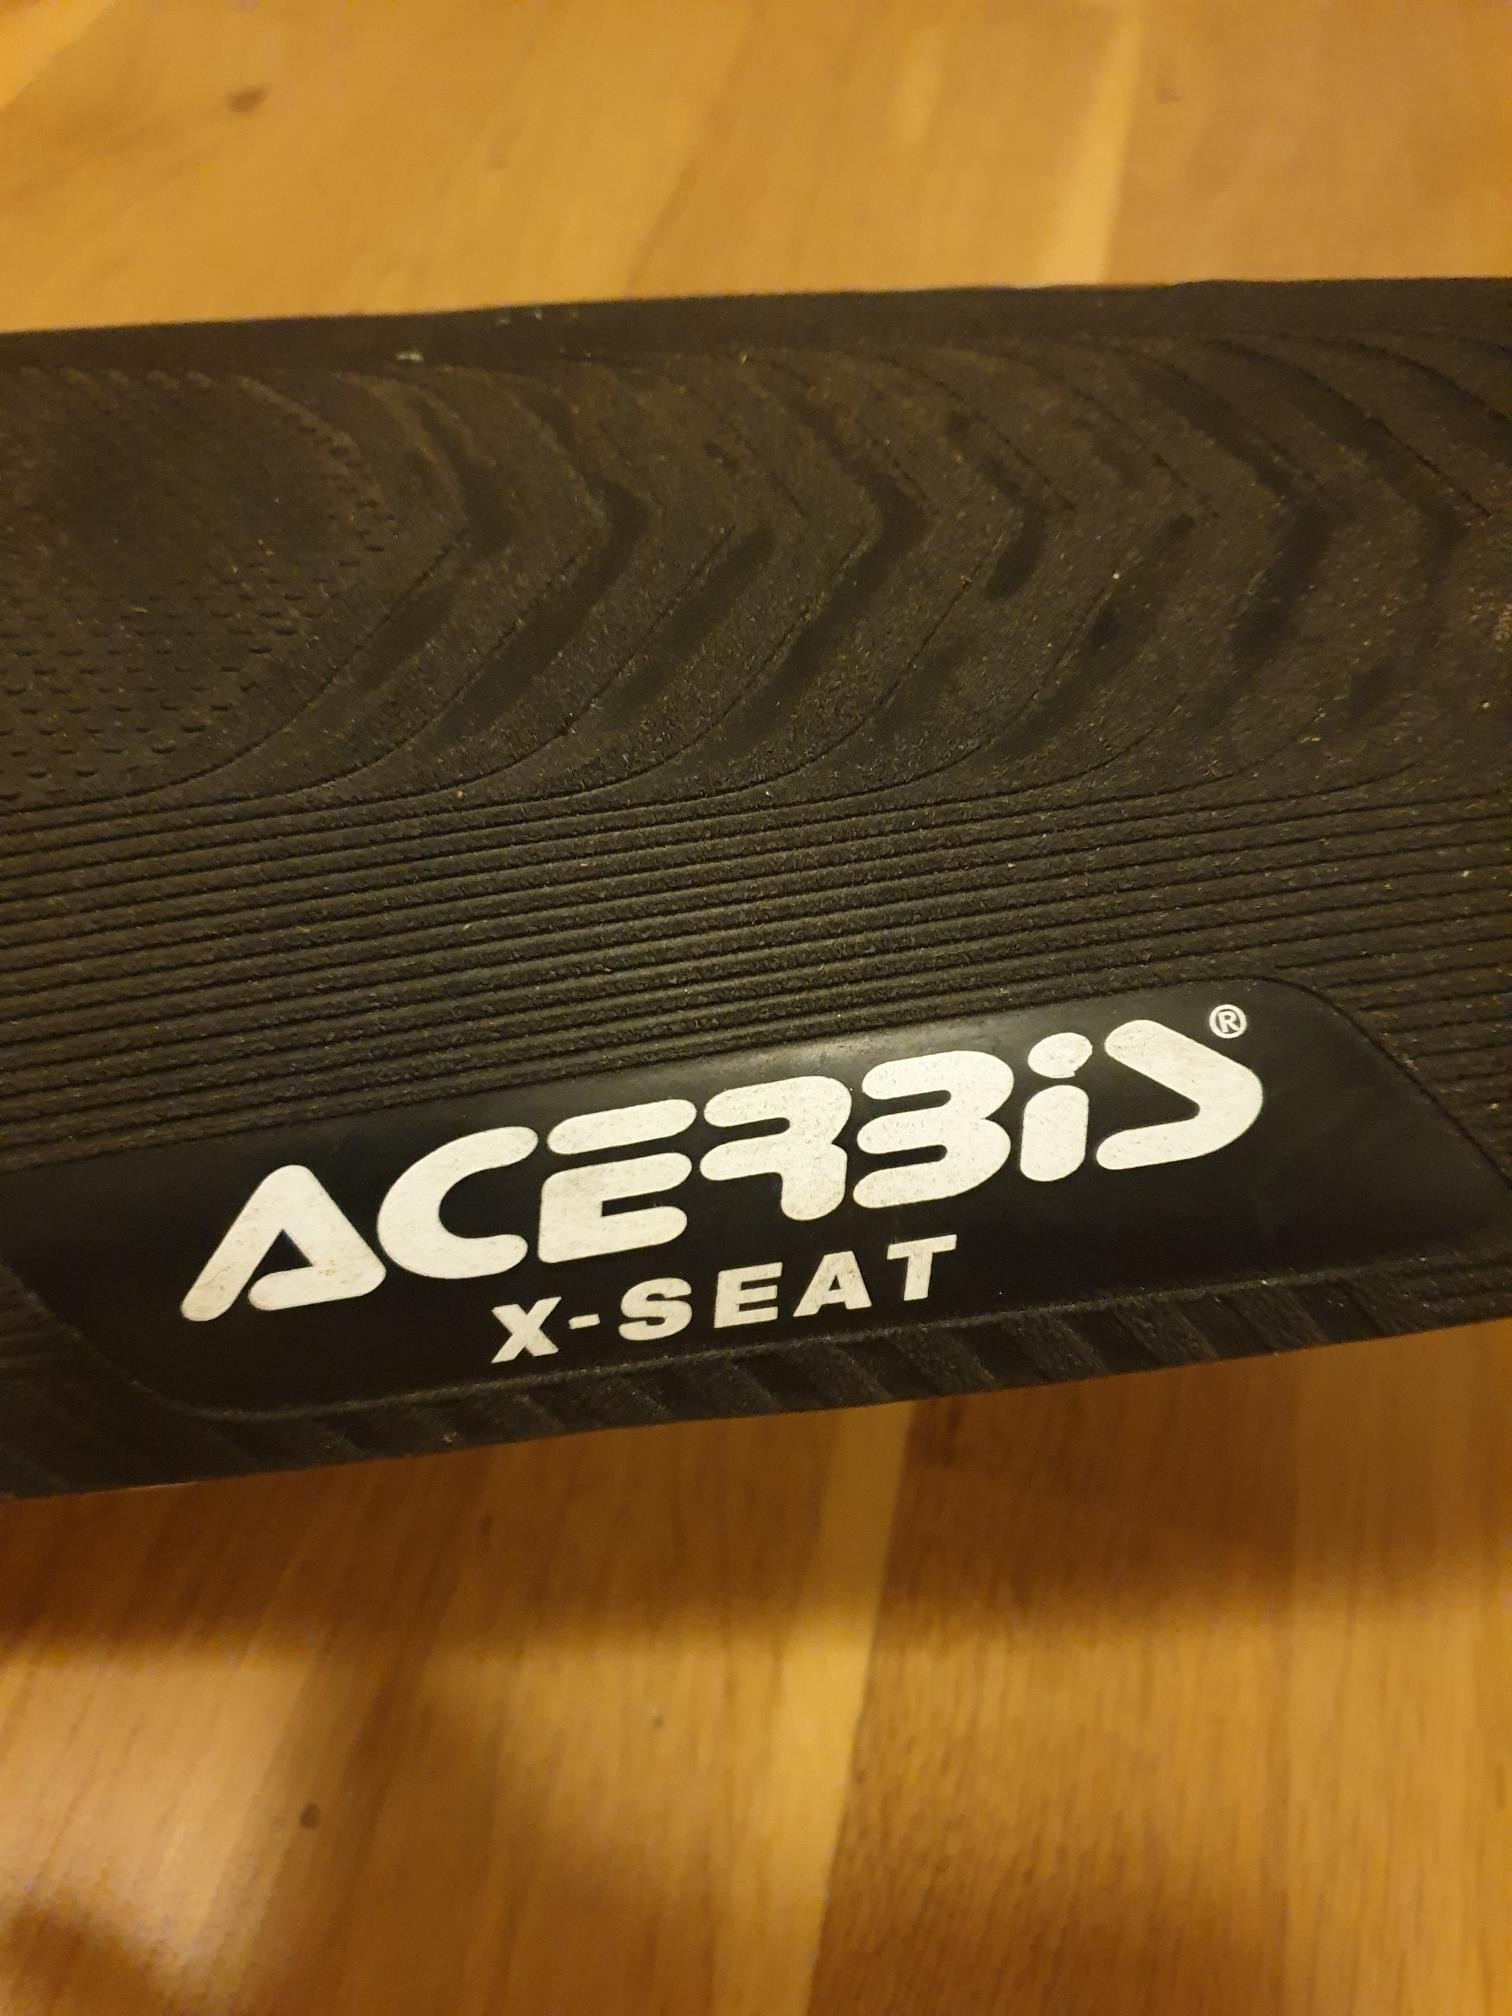 CBR 900rr fireblade sc28 kåpe | FINN.no